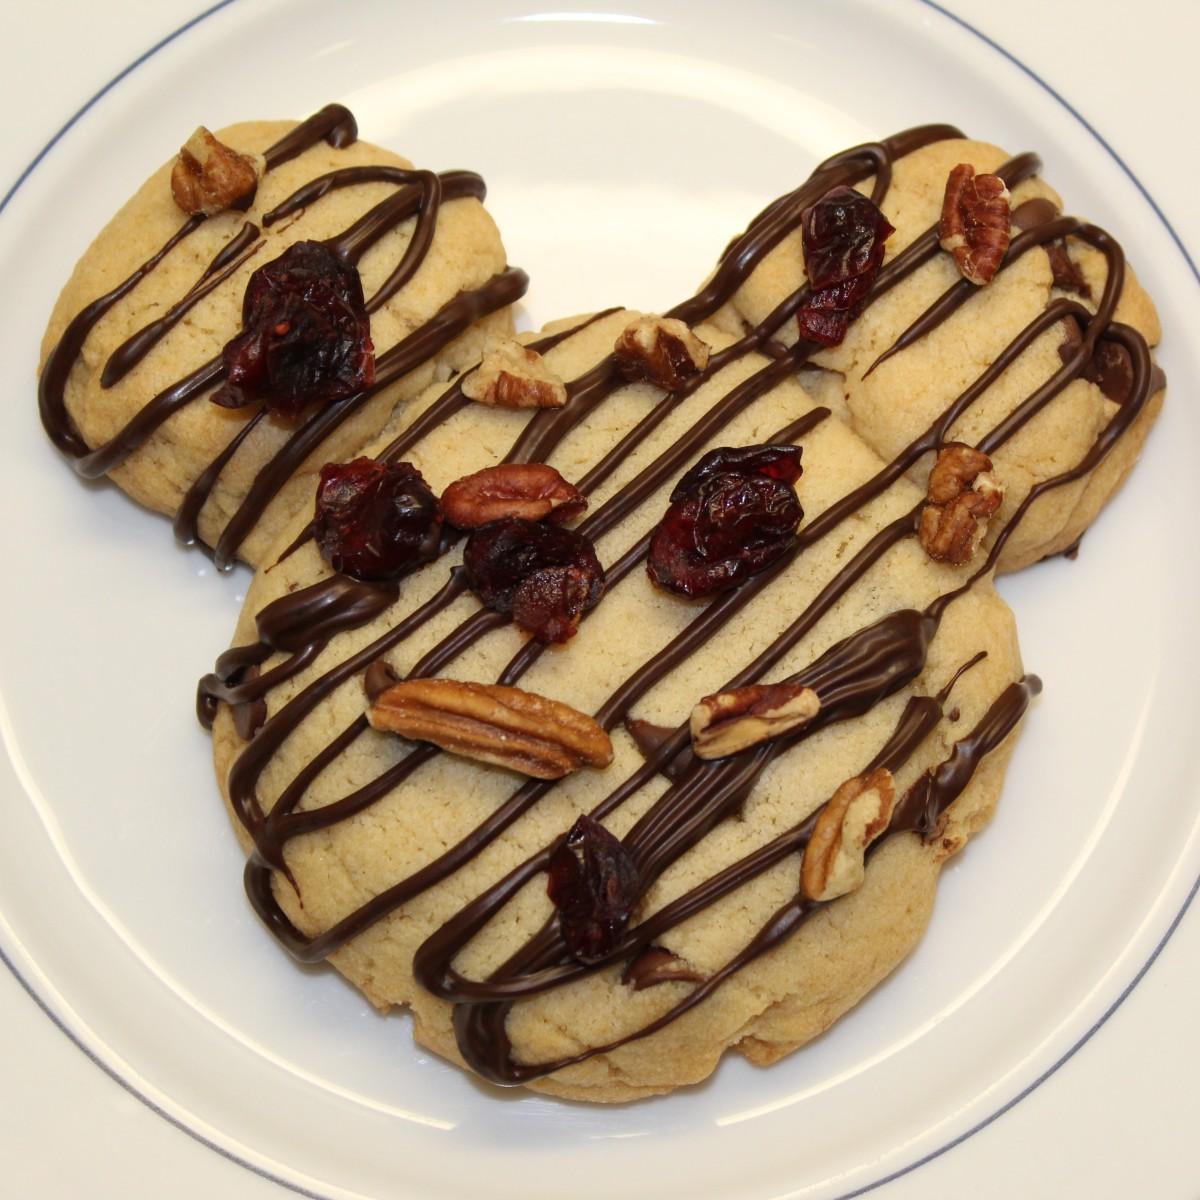 Week 2: Mickey Chocolate Chip Cookies from DisneylandParis